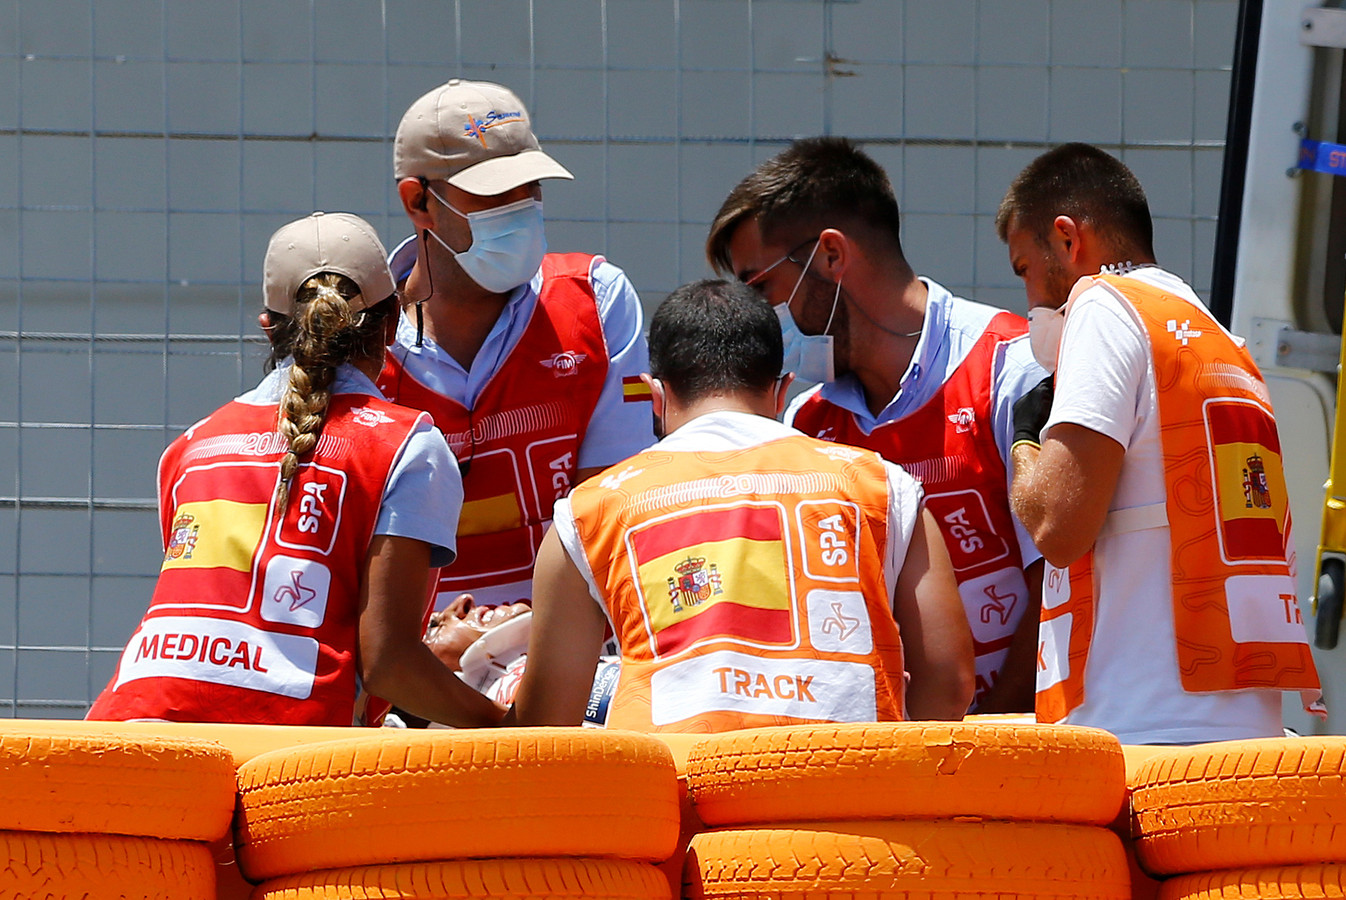 Marc Marquez liep bij een crash een gecompliceerde armbreuk op.